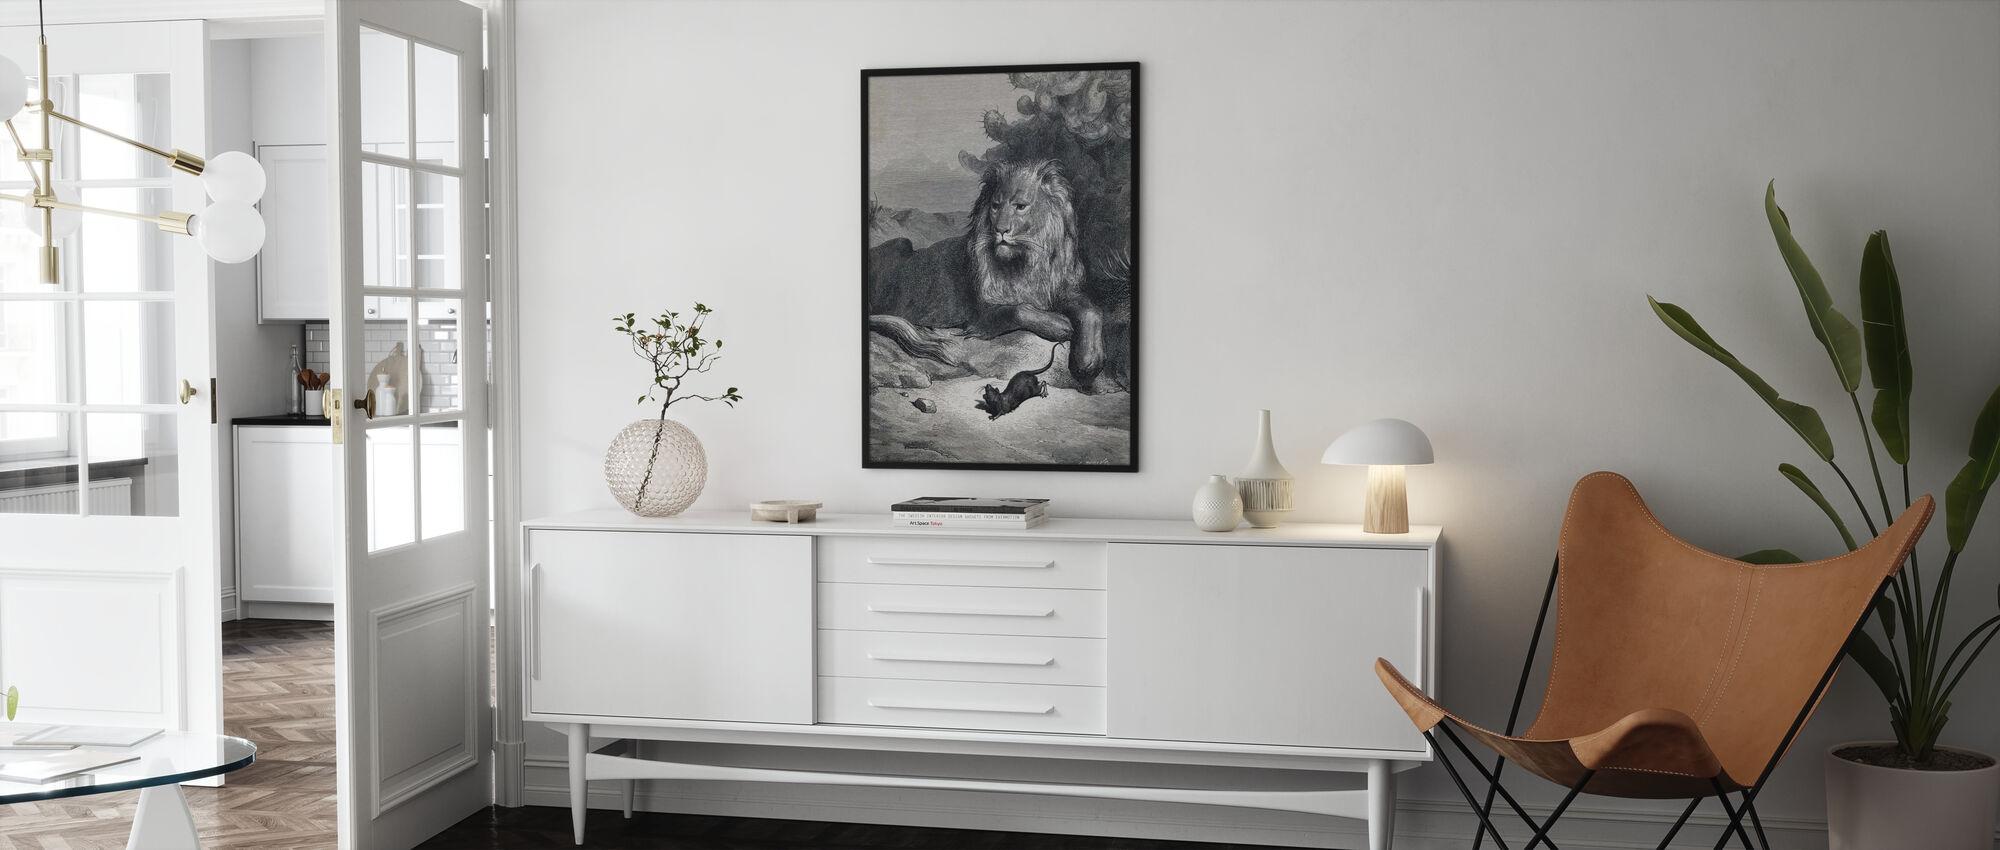 Leone e il Topo - Gustave Dore - Poster - Salotto